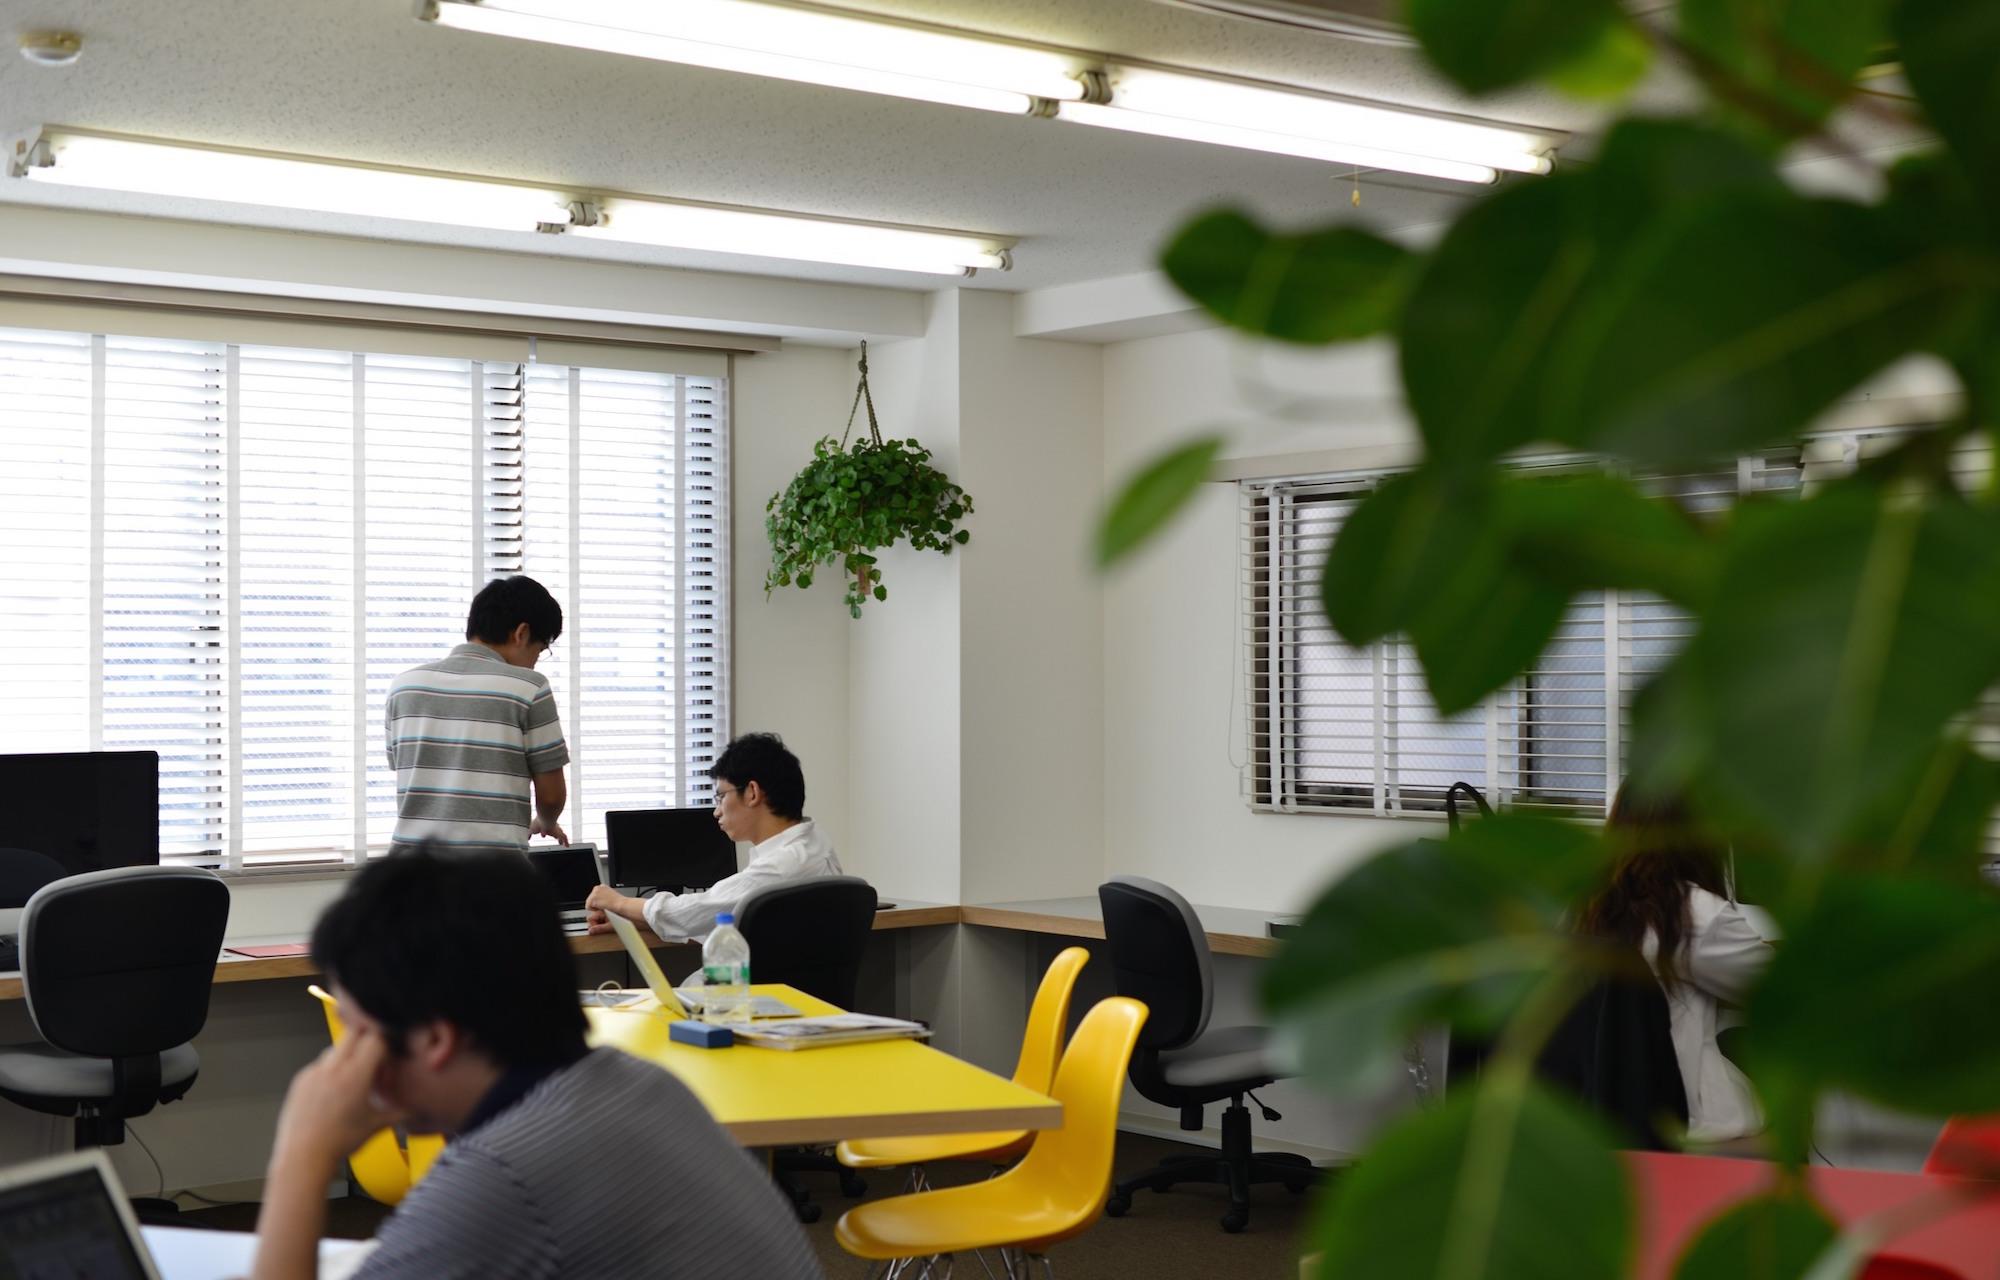 アイキュー株式会社 Work Space デザイン・レイアウト事例